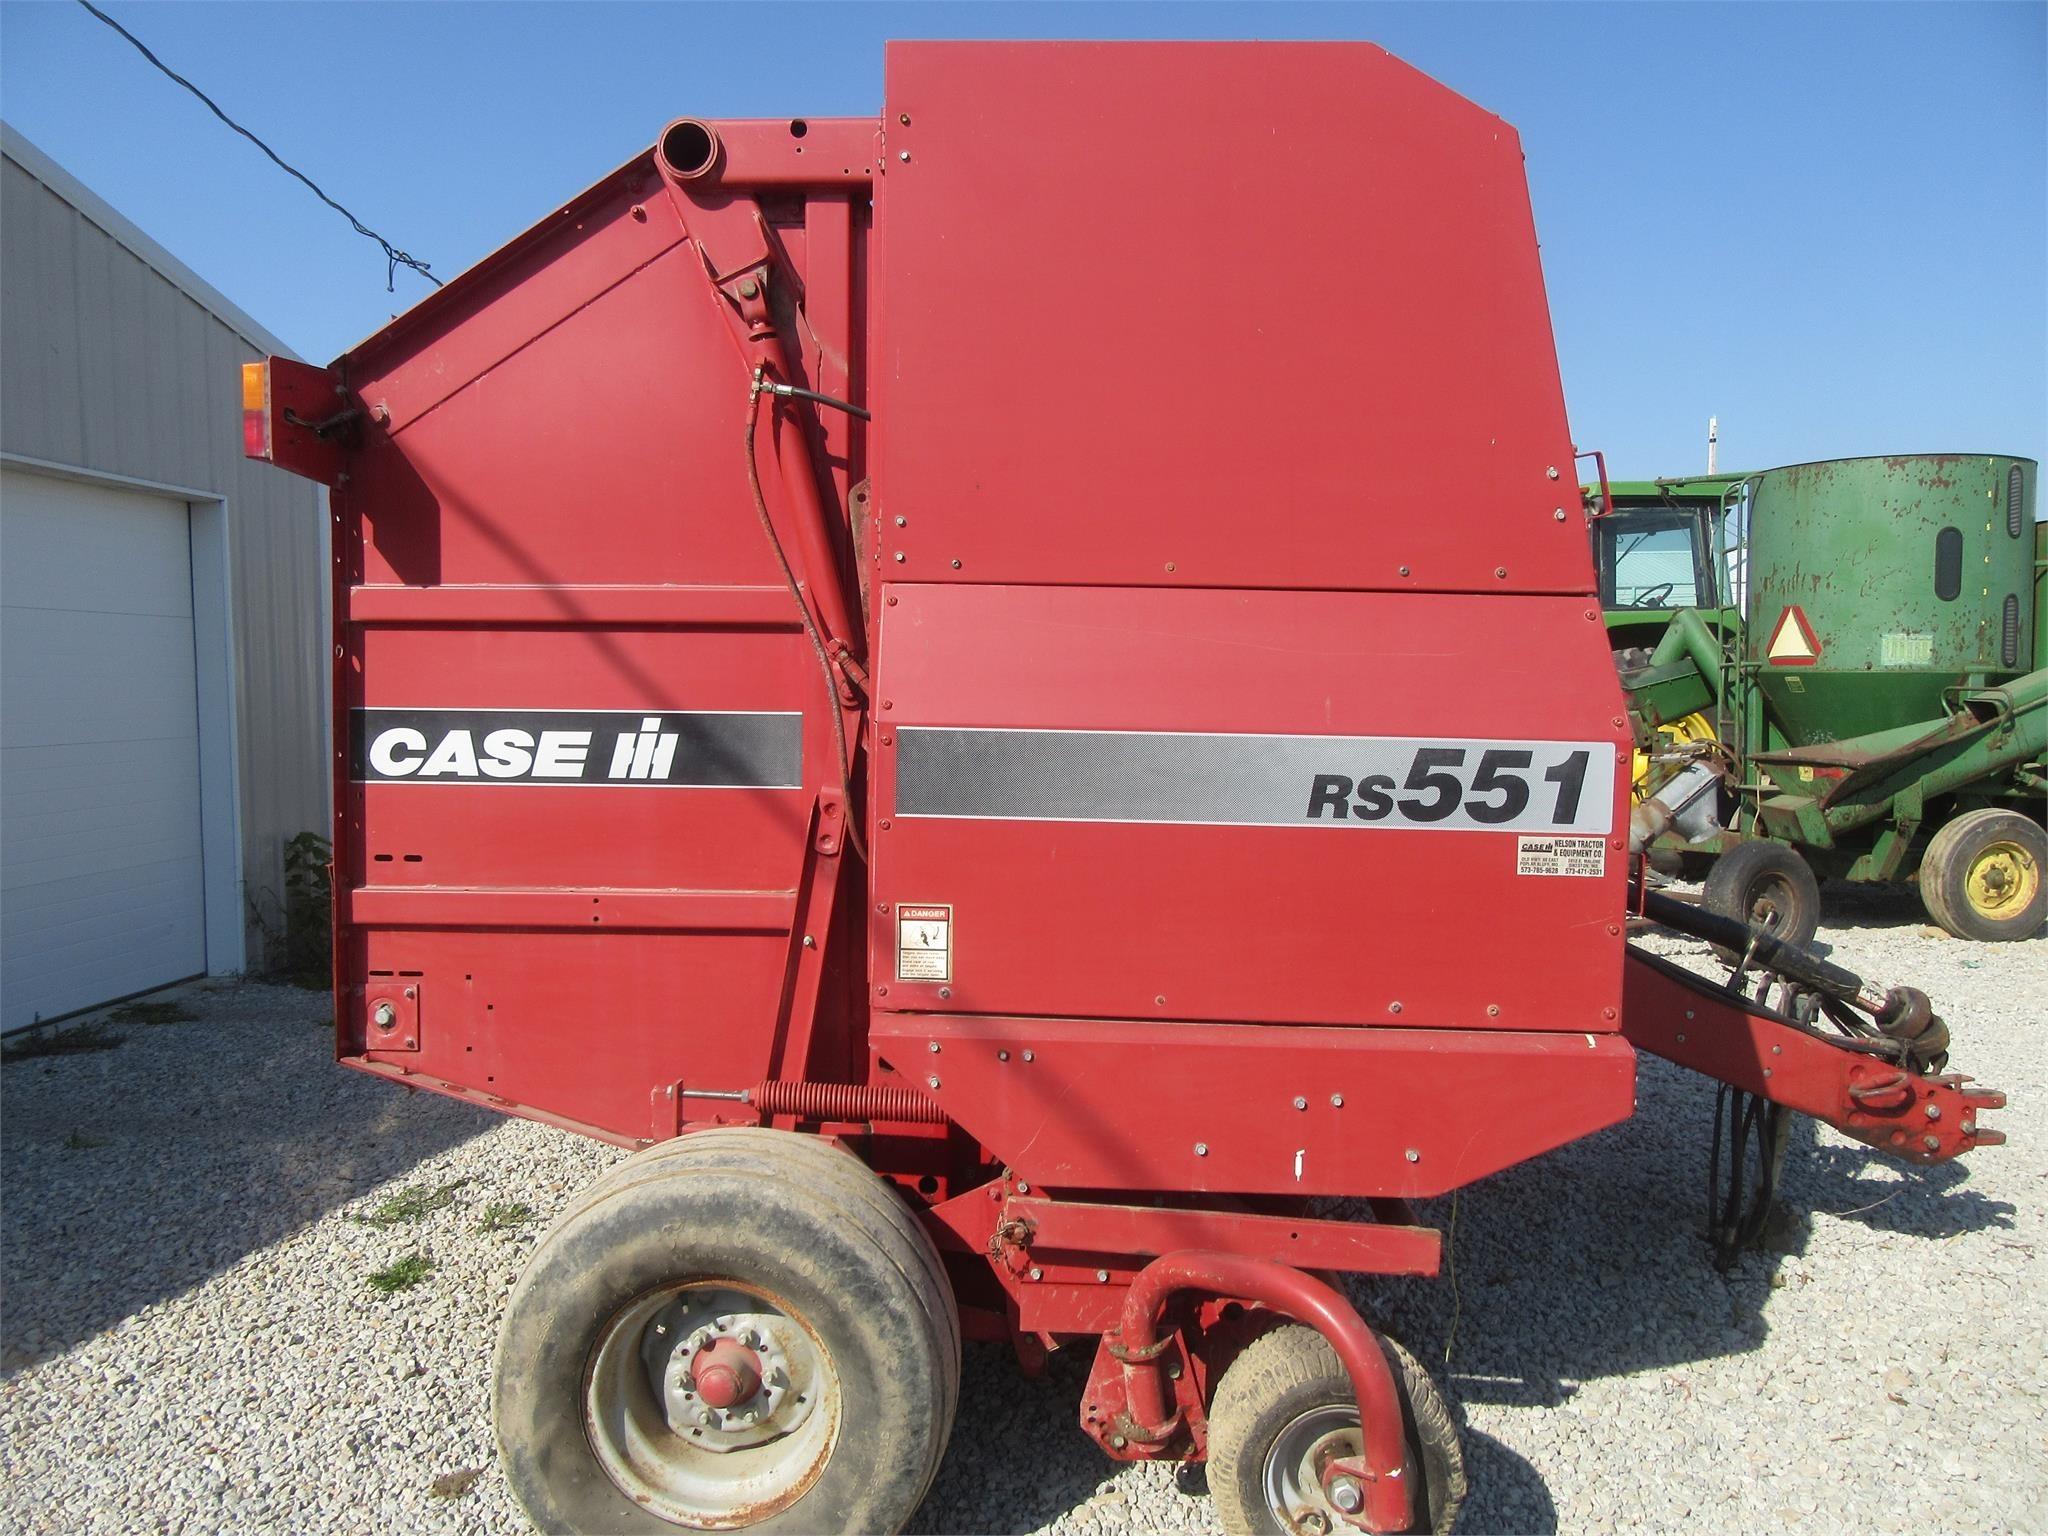 1999 Case IH RS551 Round Baler